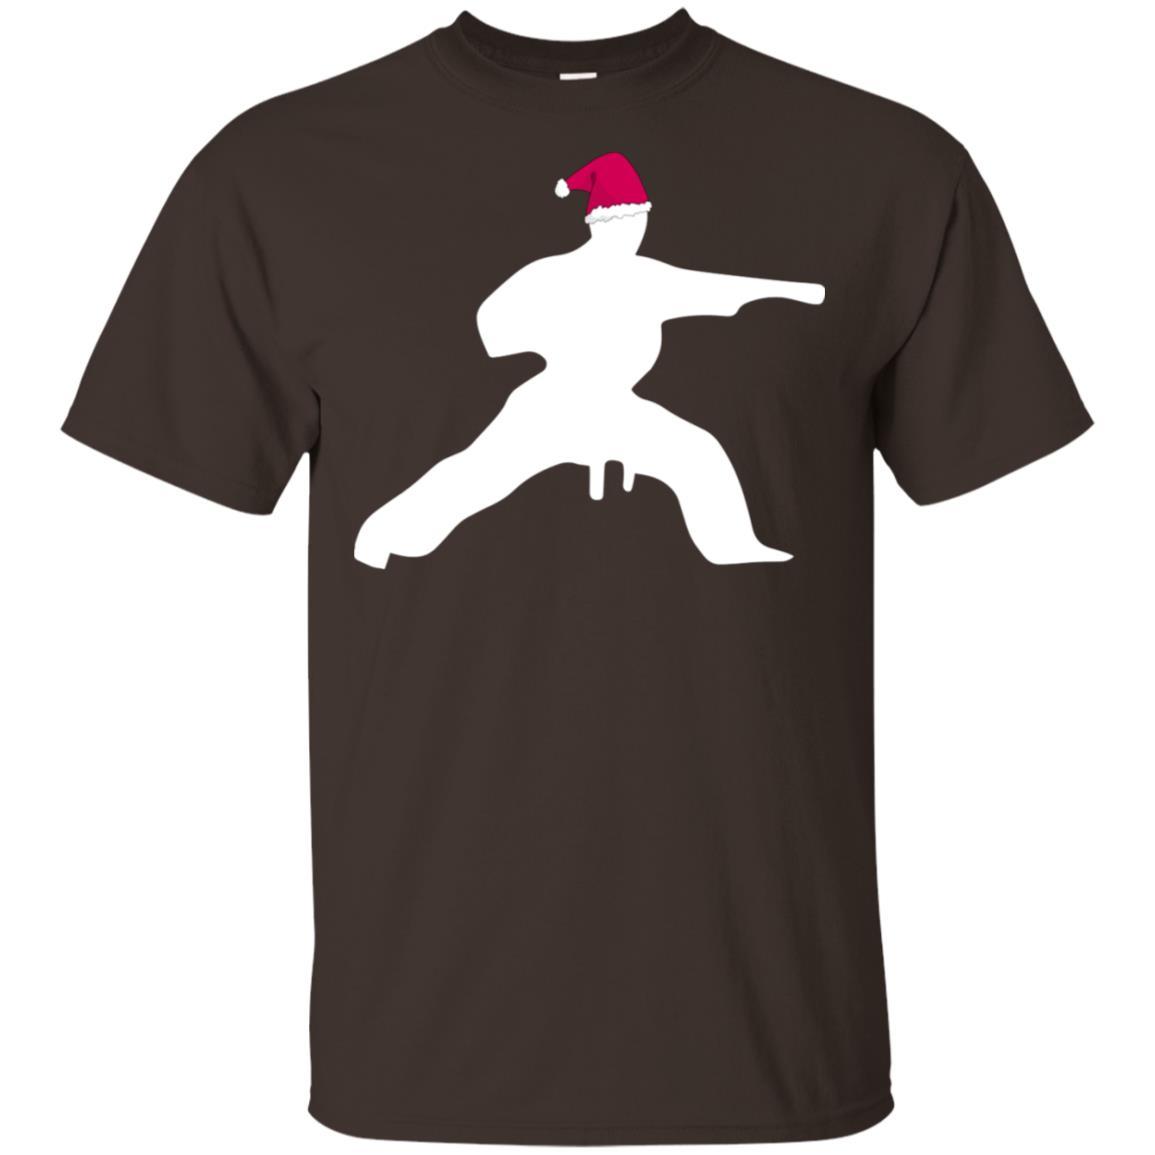 Christmas Karate Funny Xmas Gift Unisex Short Sleeve